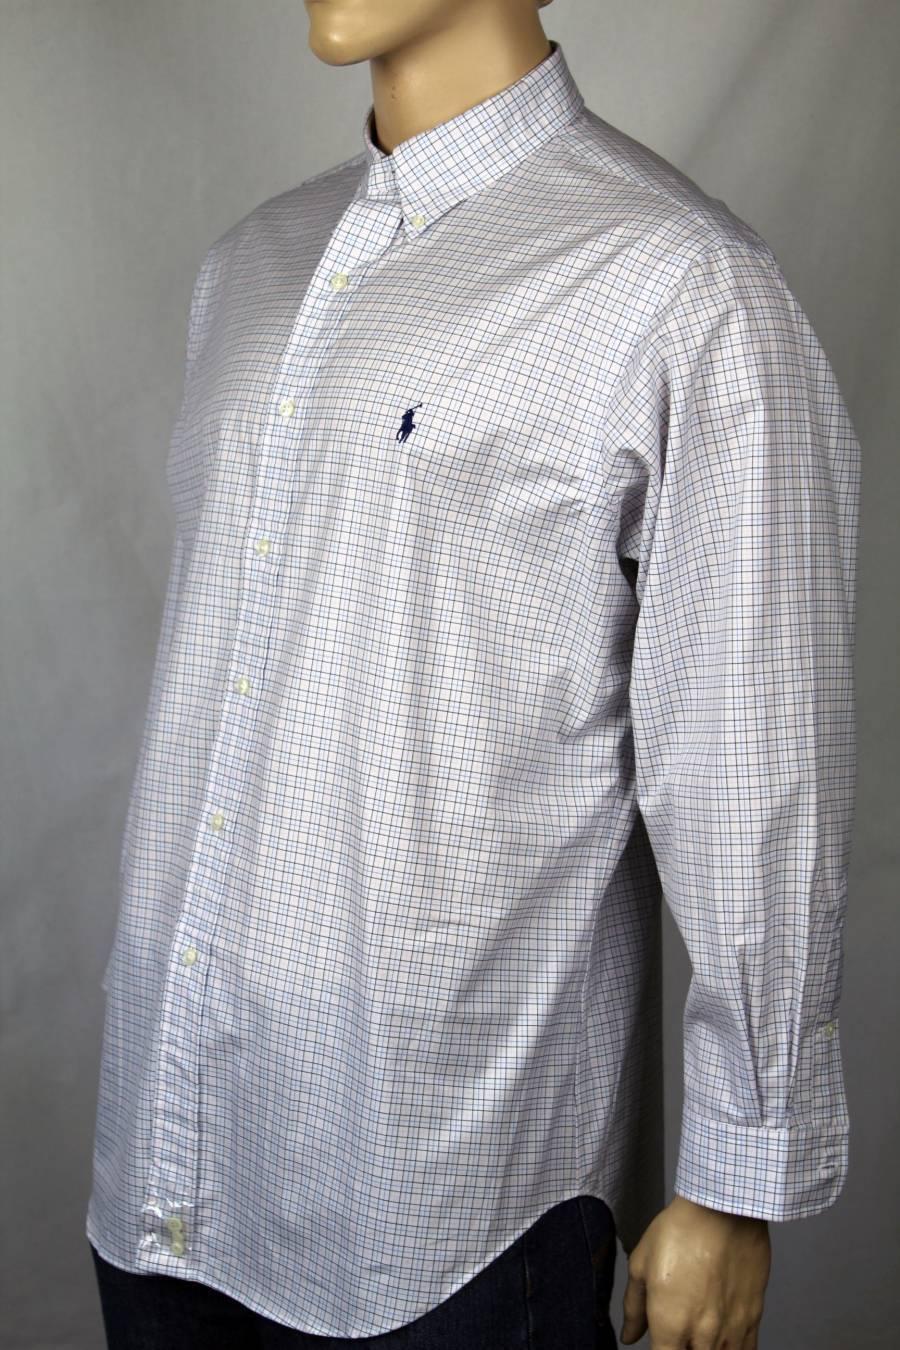 Ralph Lauren WHITE NAVY PINK CLASSIC FIT DRESS SHIRT NWT